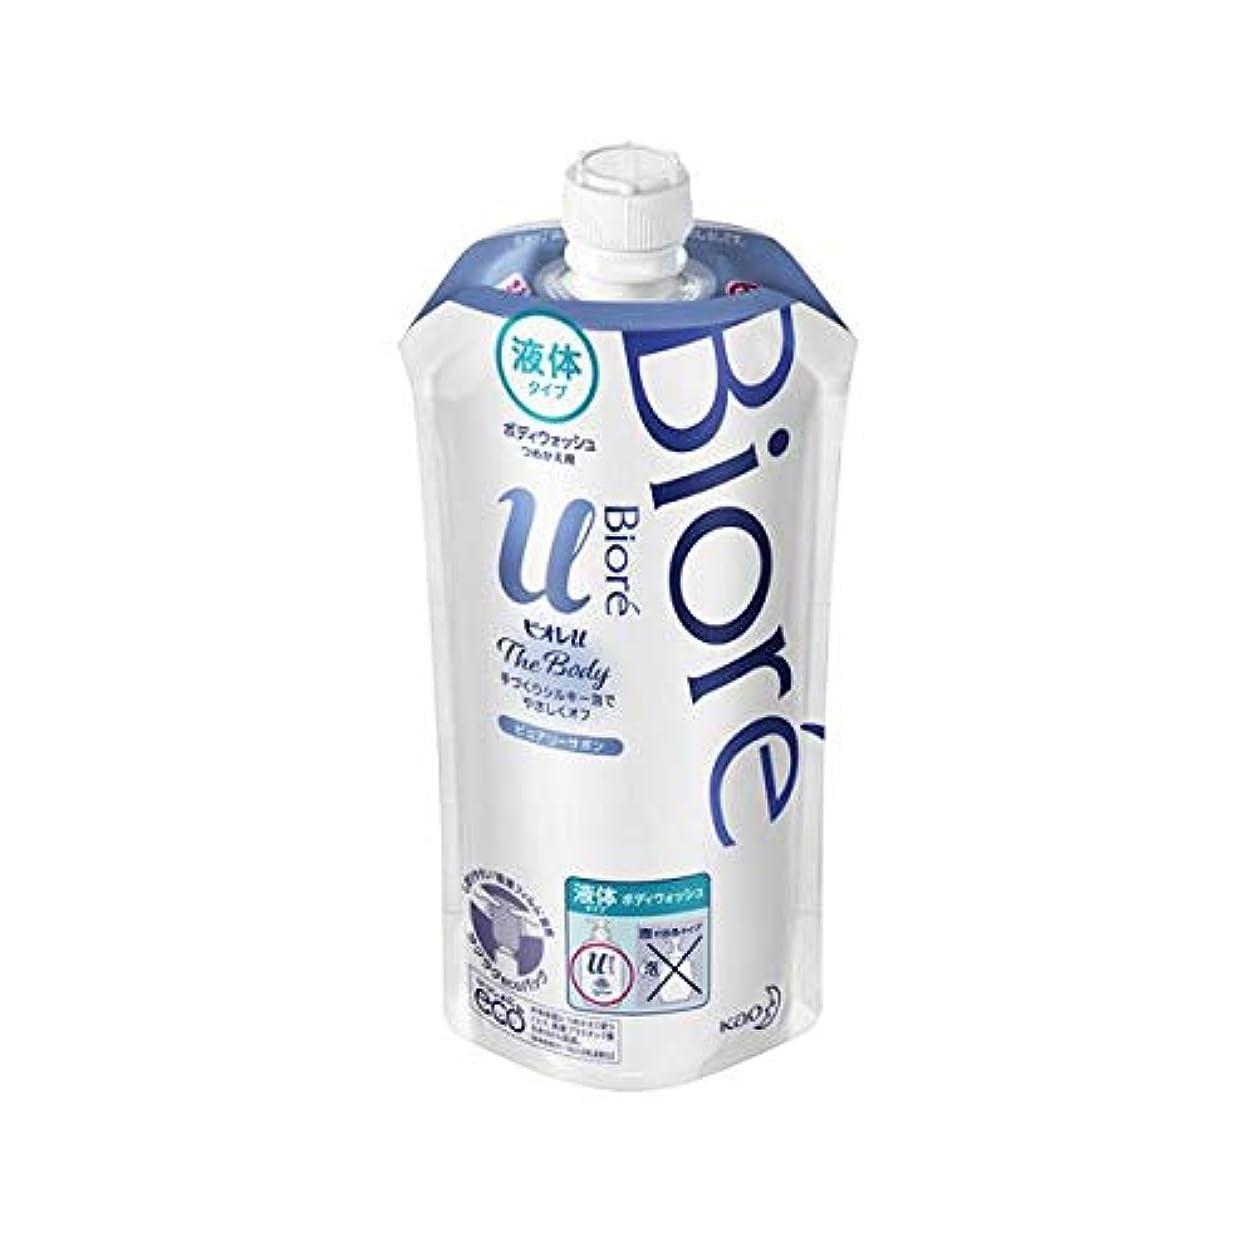 暴露する眠るカイウス花王 ビオレu ザ ボディ液体ピュアリーサボンの香り 詰替え用 340ml